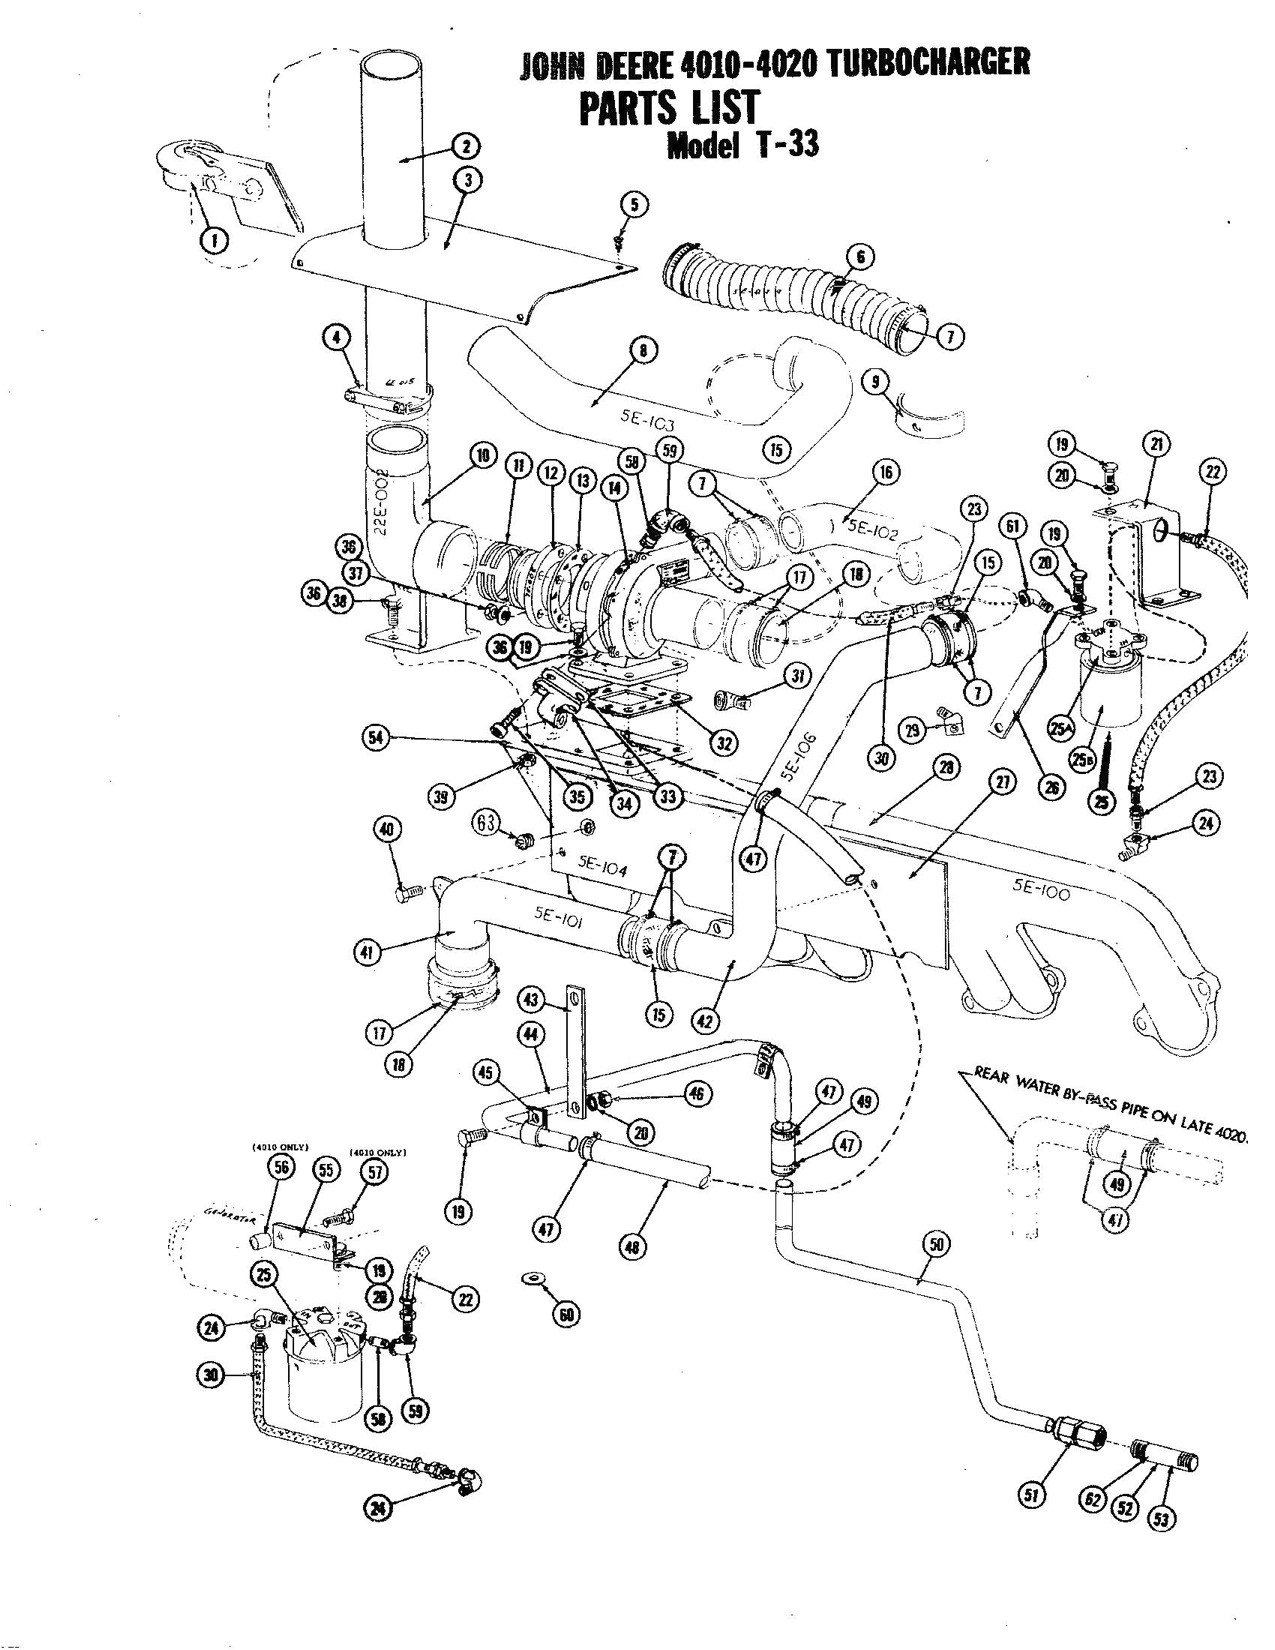 Late John Deere 12 Volt 4020 Diesl Wiring Diagram 35 John Deere 4020 Hydraulic System Diagram Wiring Diagram Of Late John Deere 12 Volt 4020 Diesl Wiring Diagram